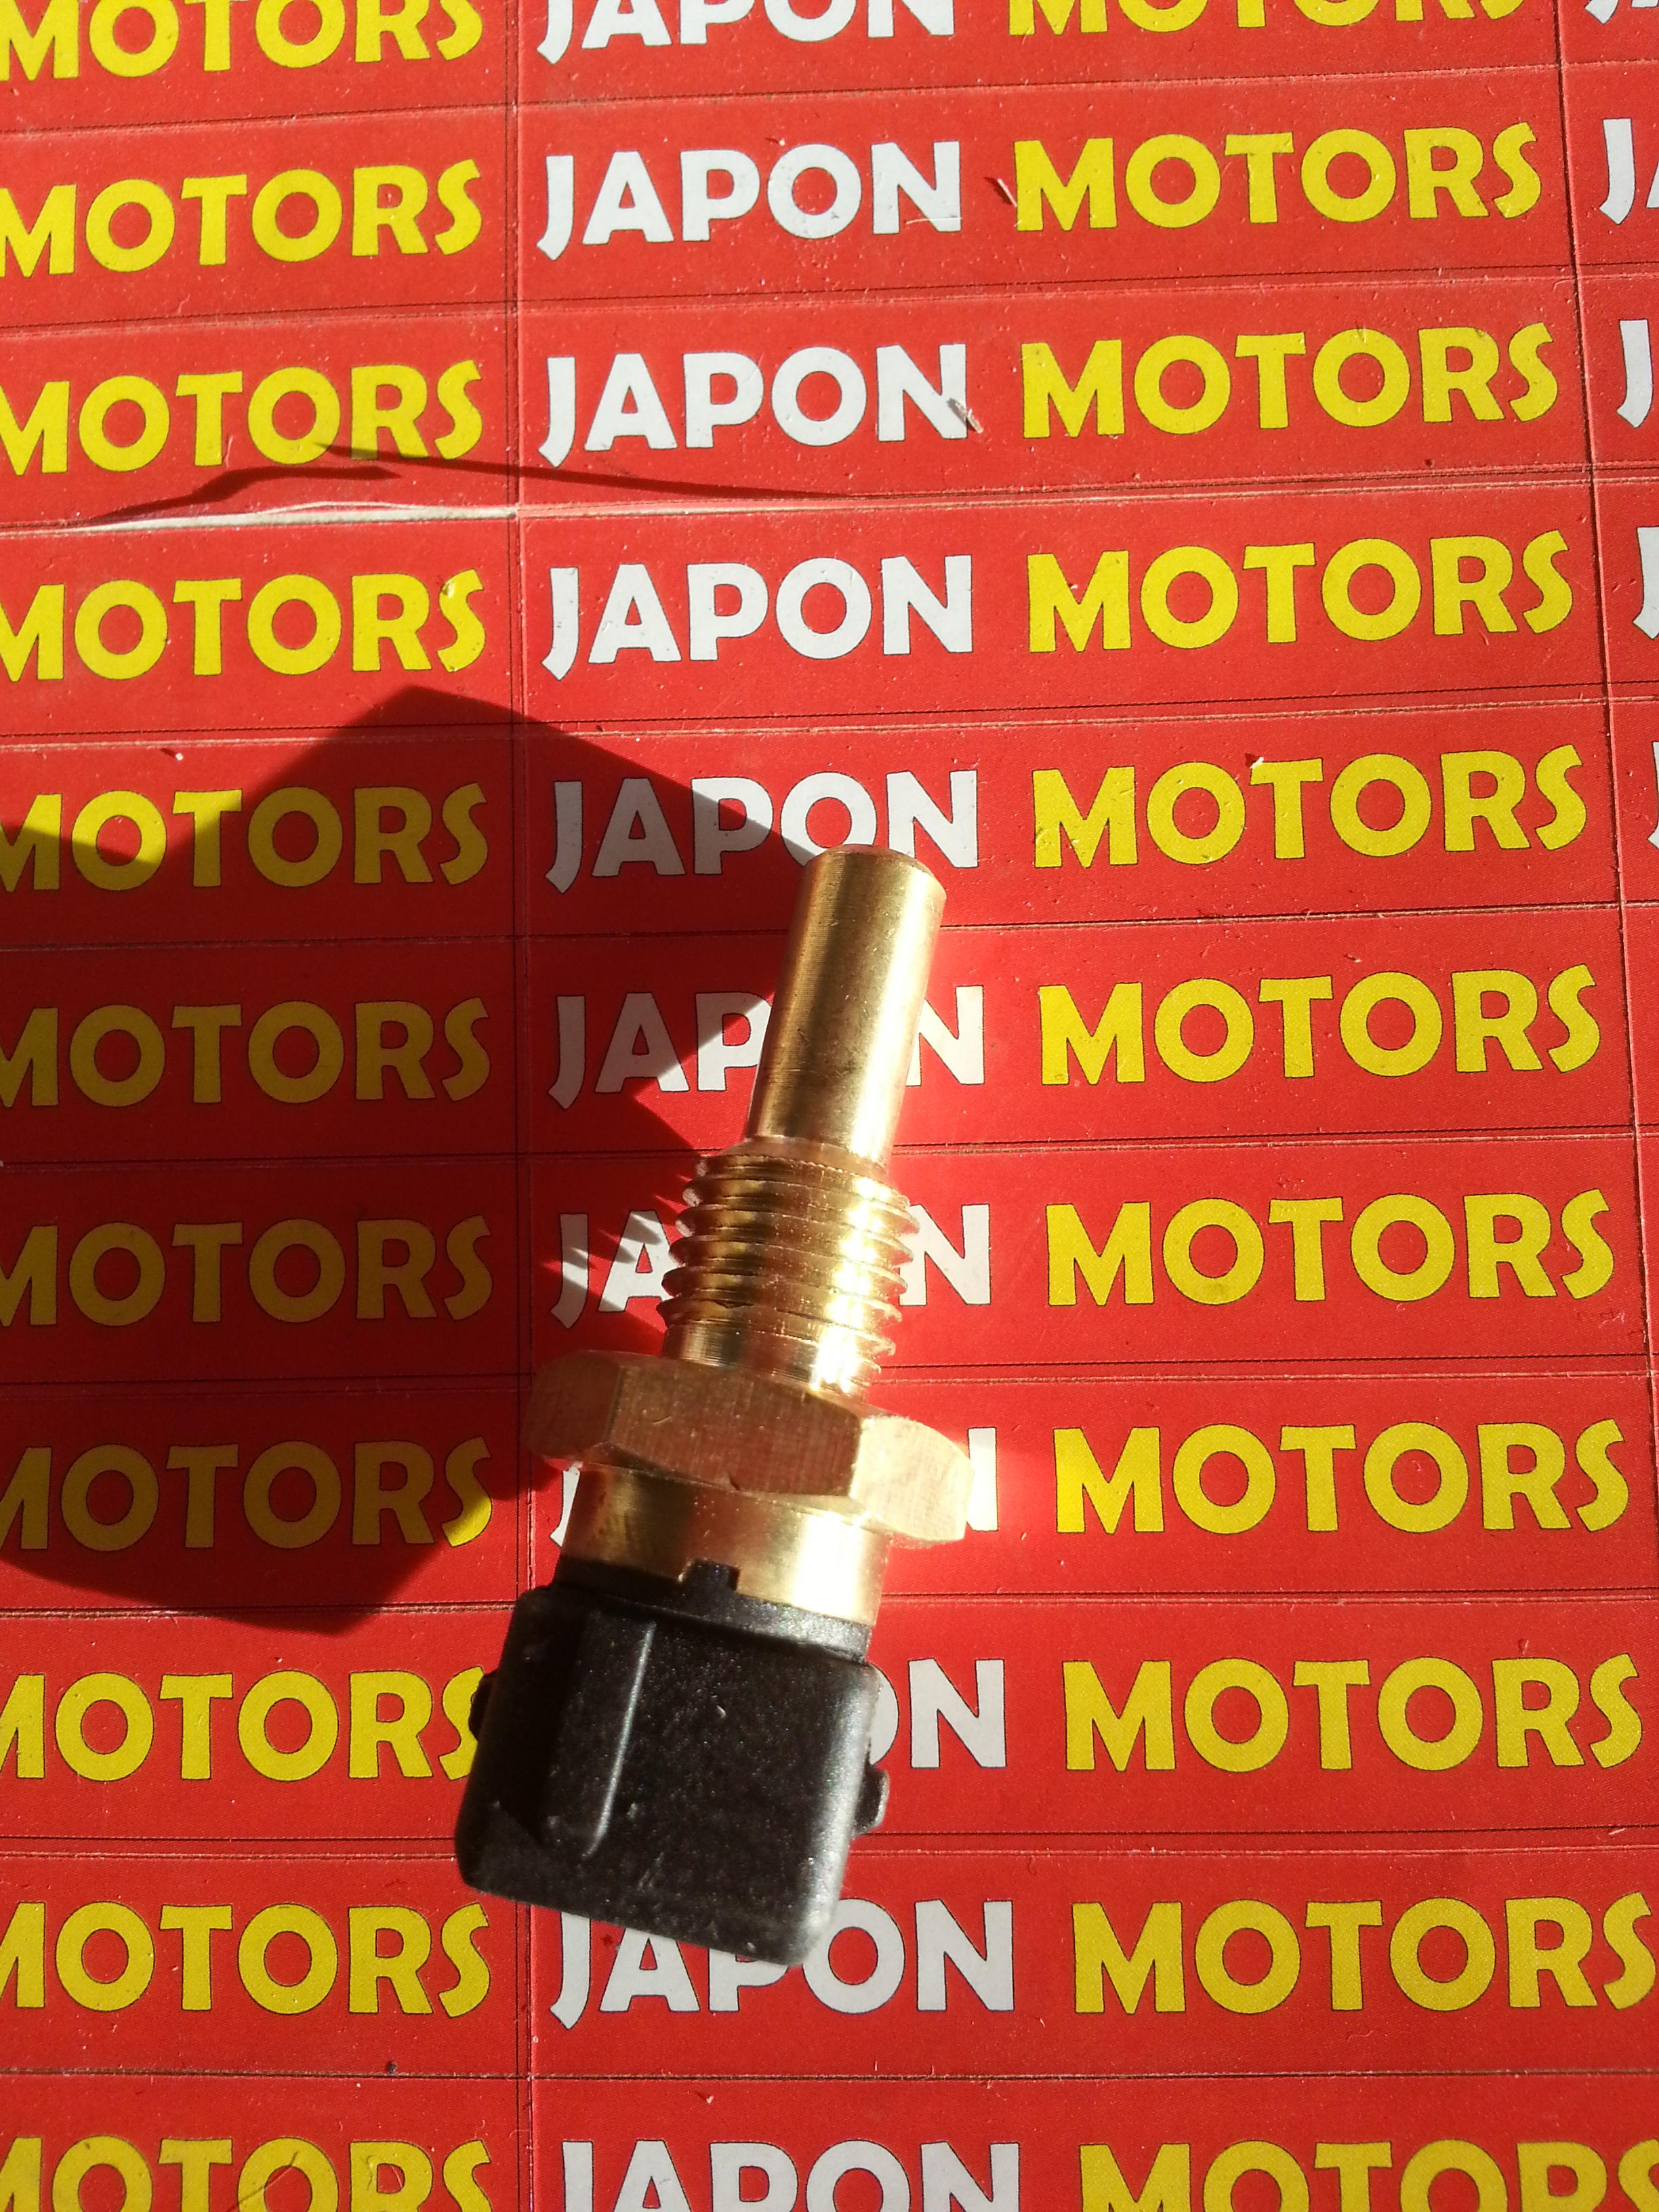 Kia Bulbo Temperatura Kia Japon Motors